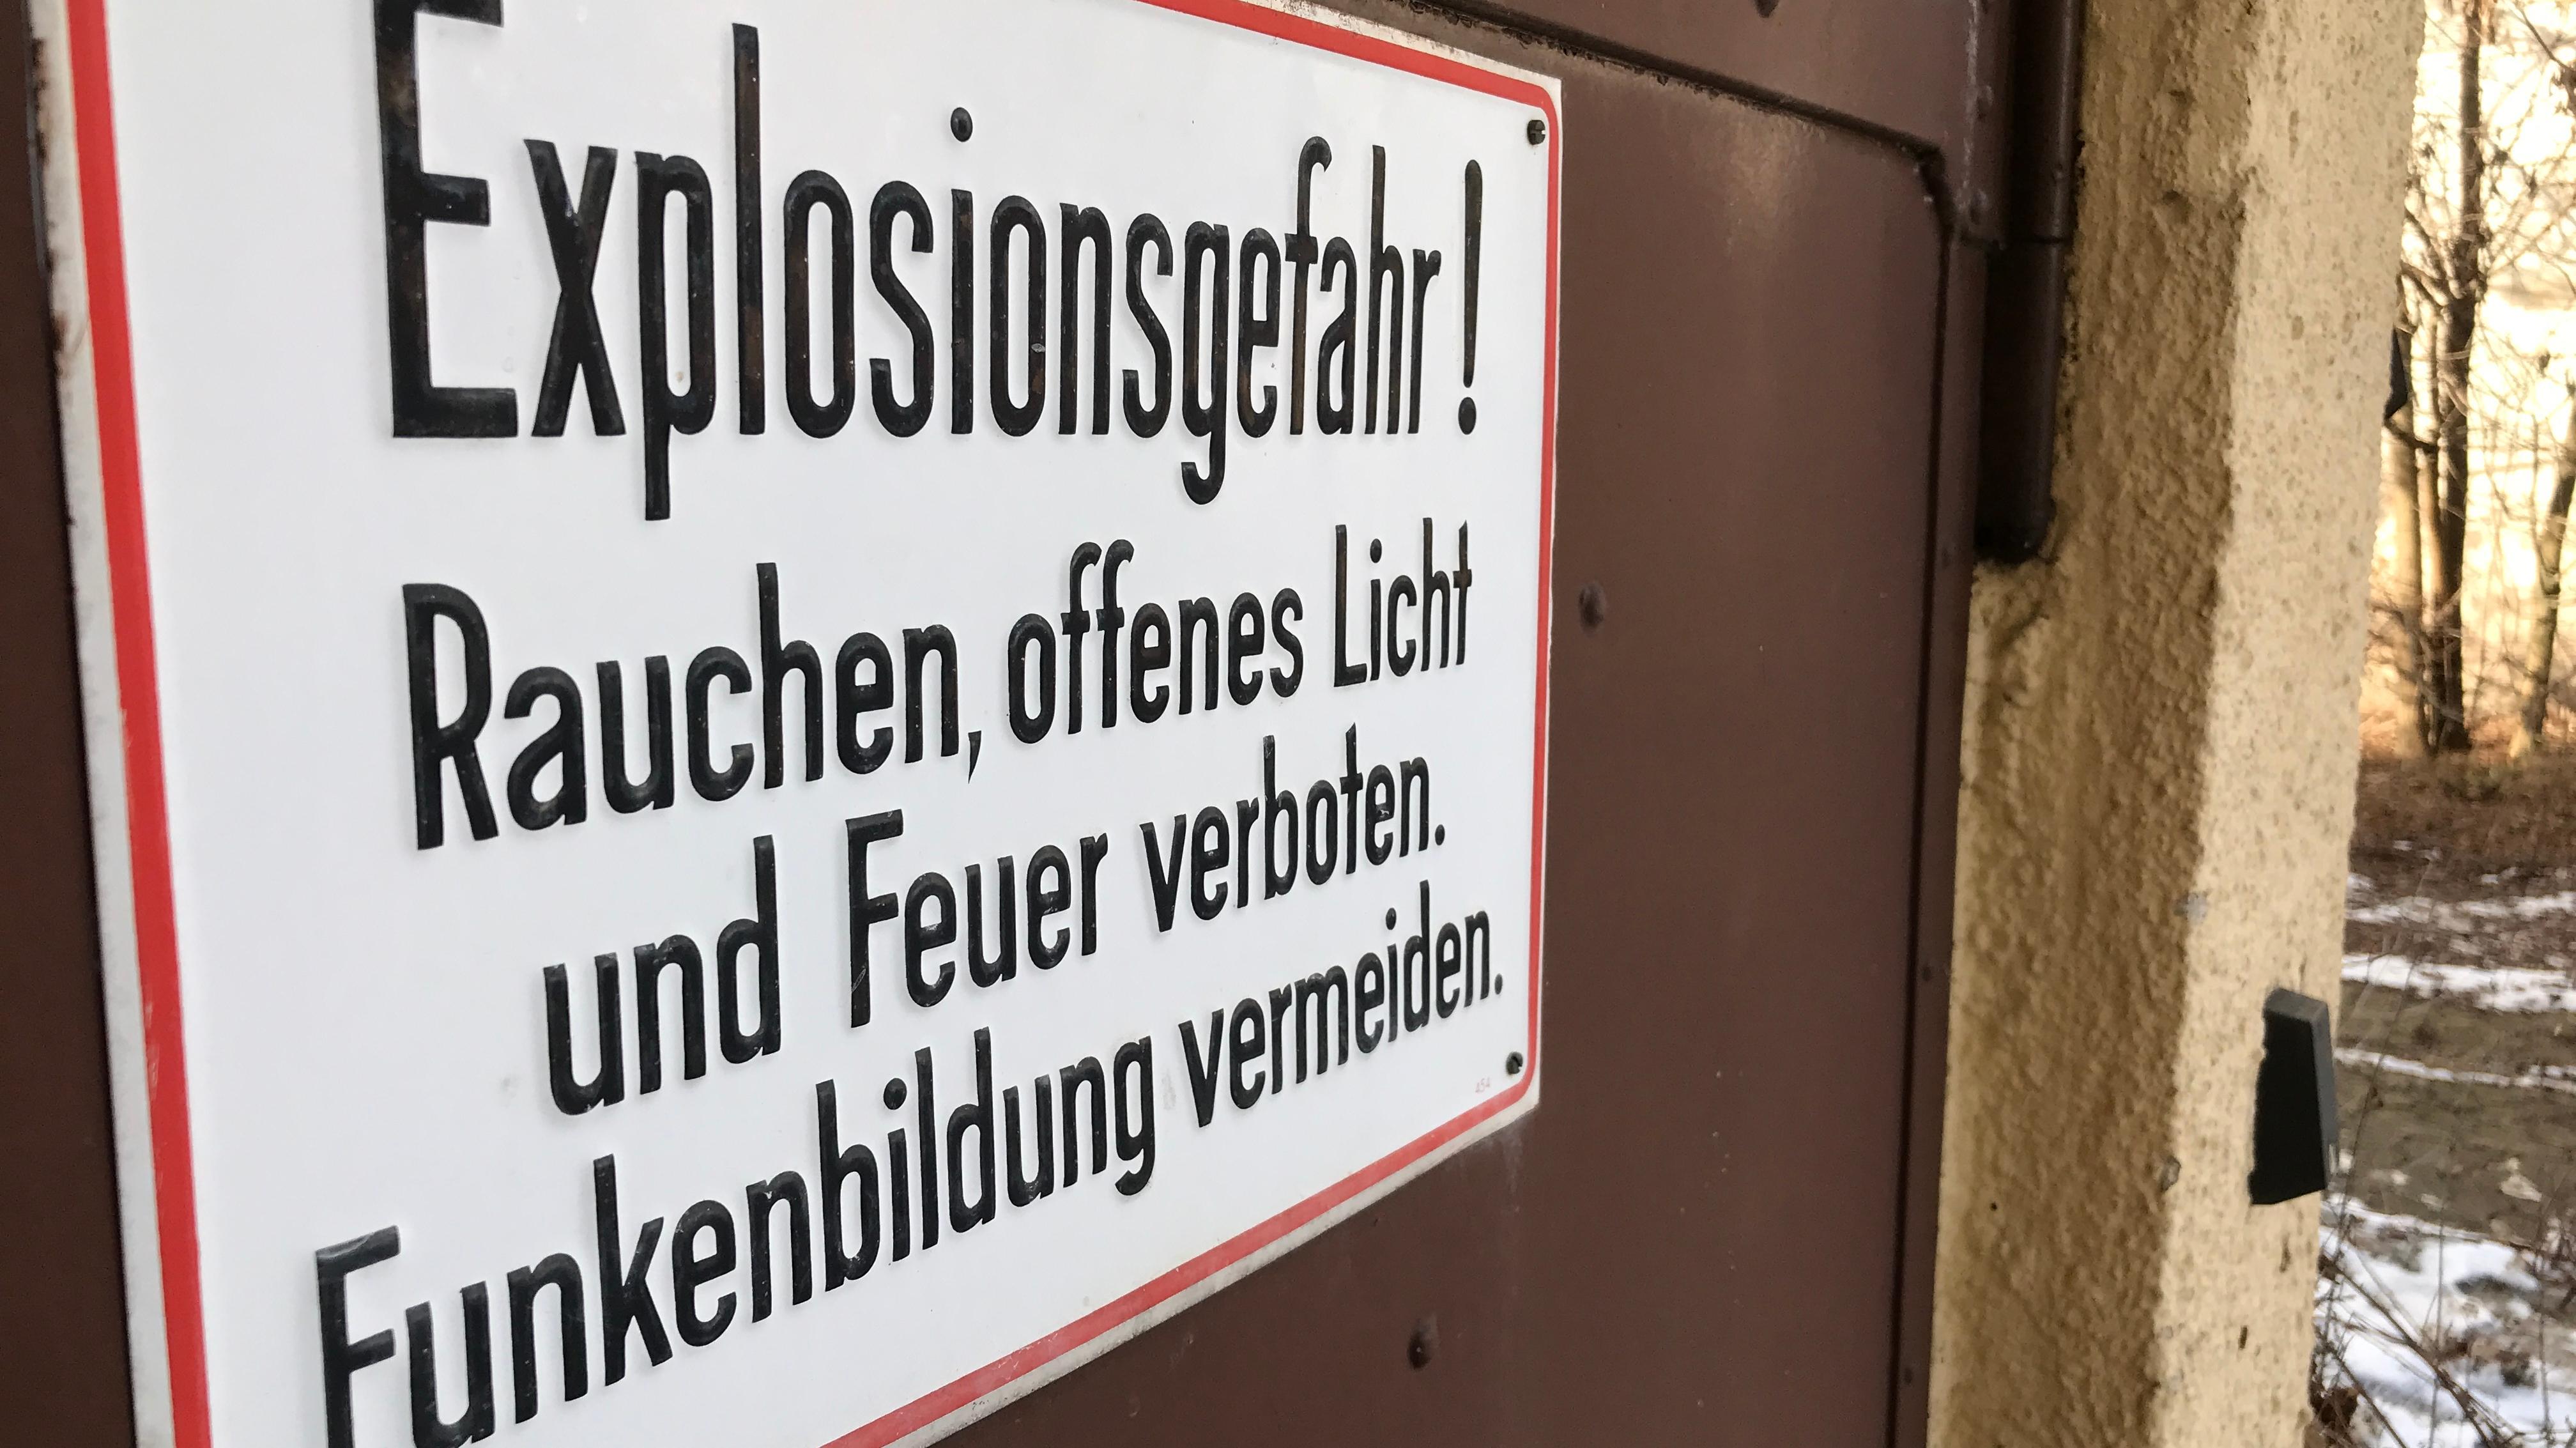 Warnschild auf einer Tür